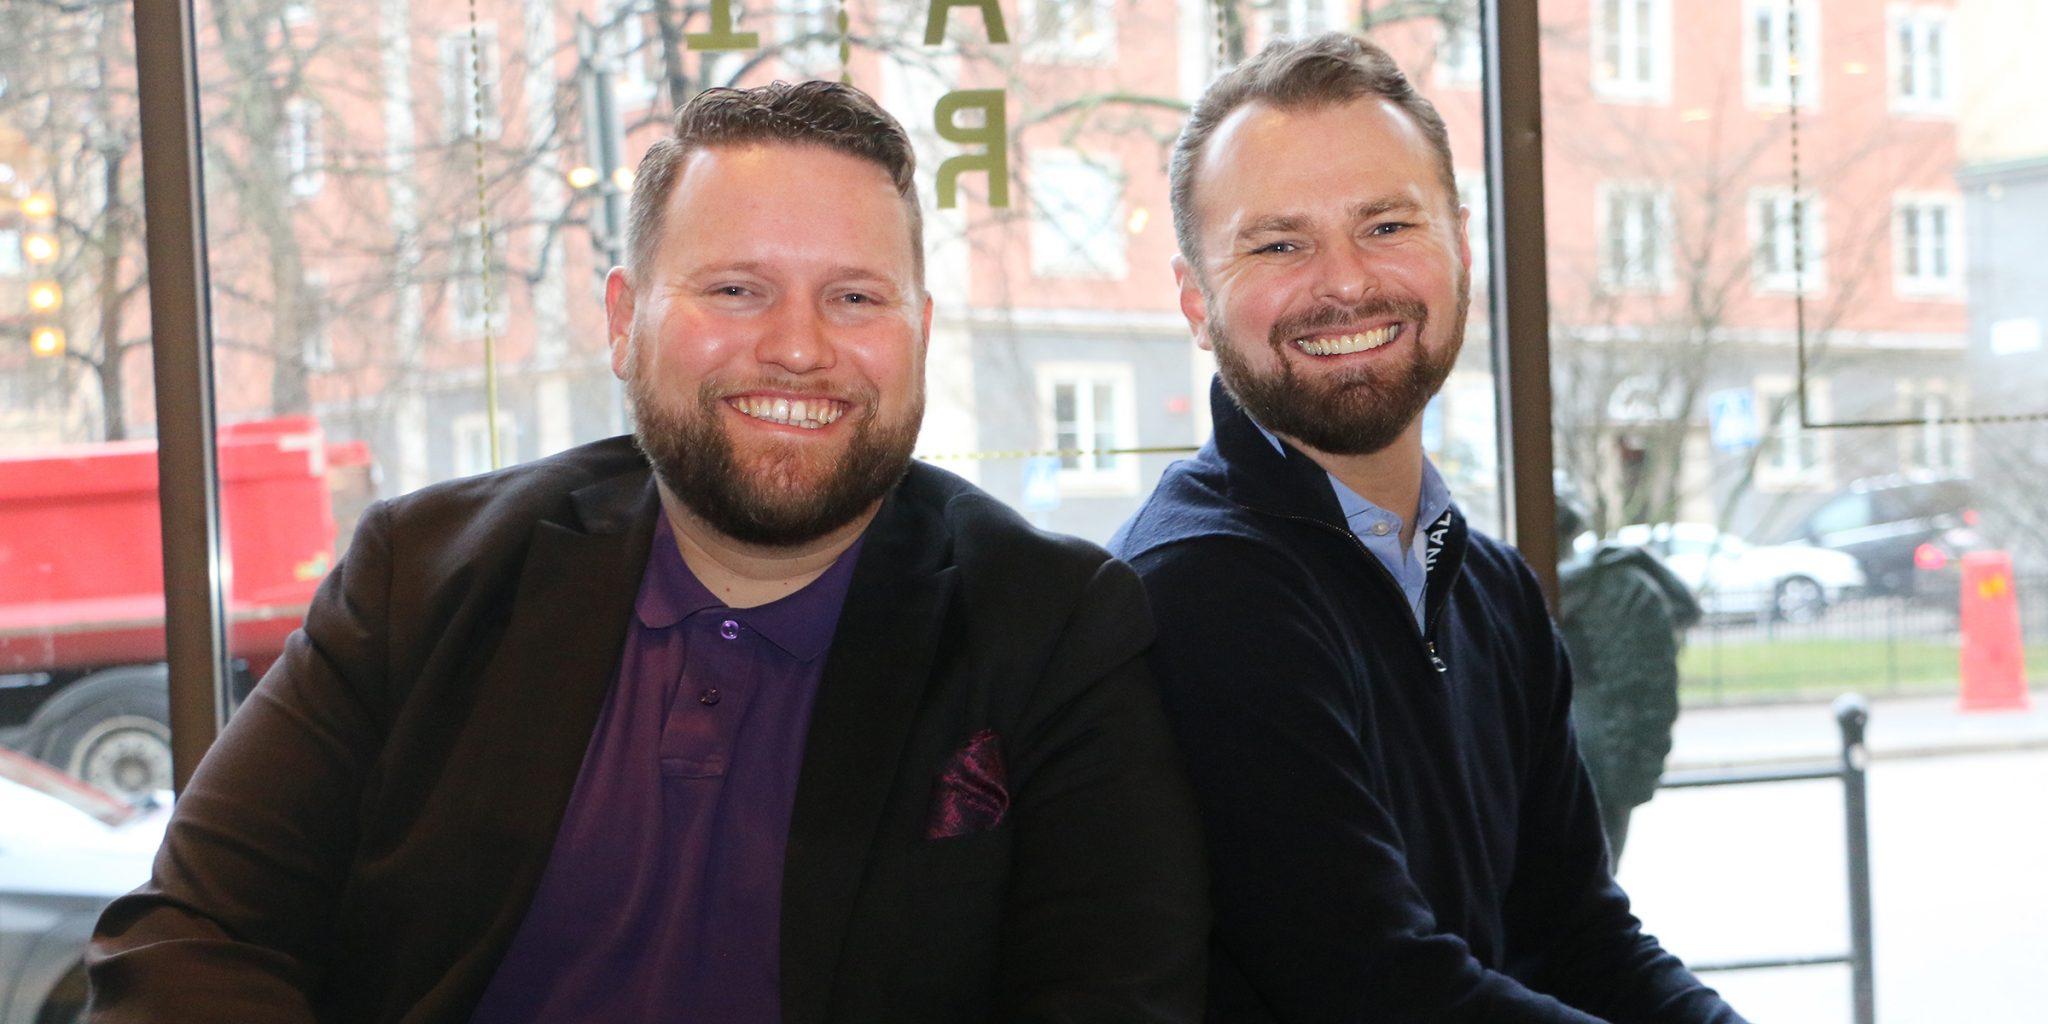 NUITEQ CEO, Harry van der Veen and Personalkollen's,Niclas Lundell